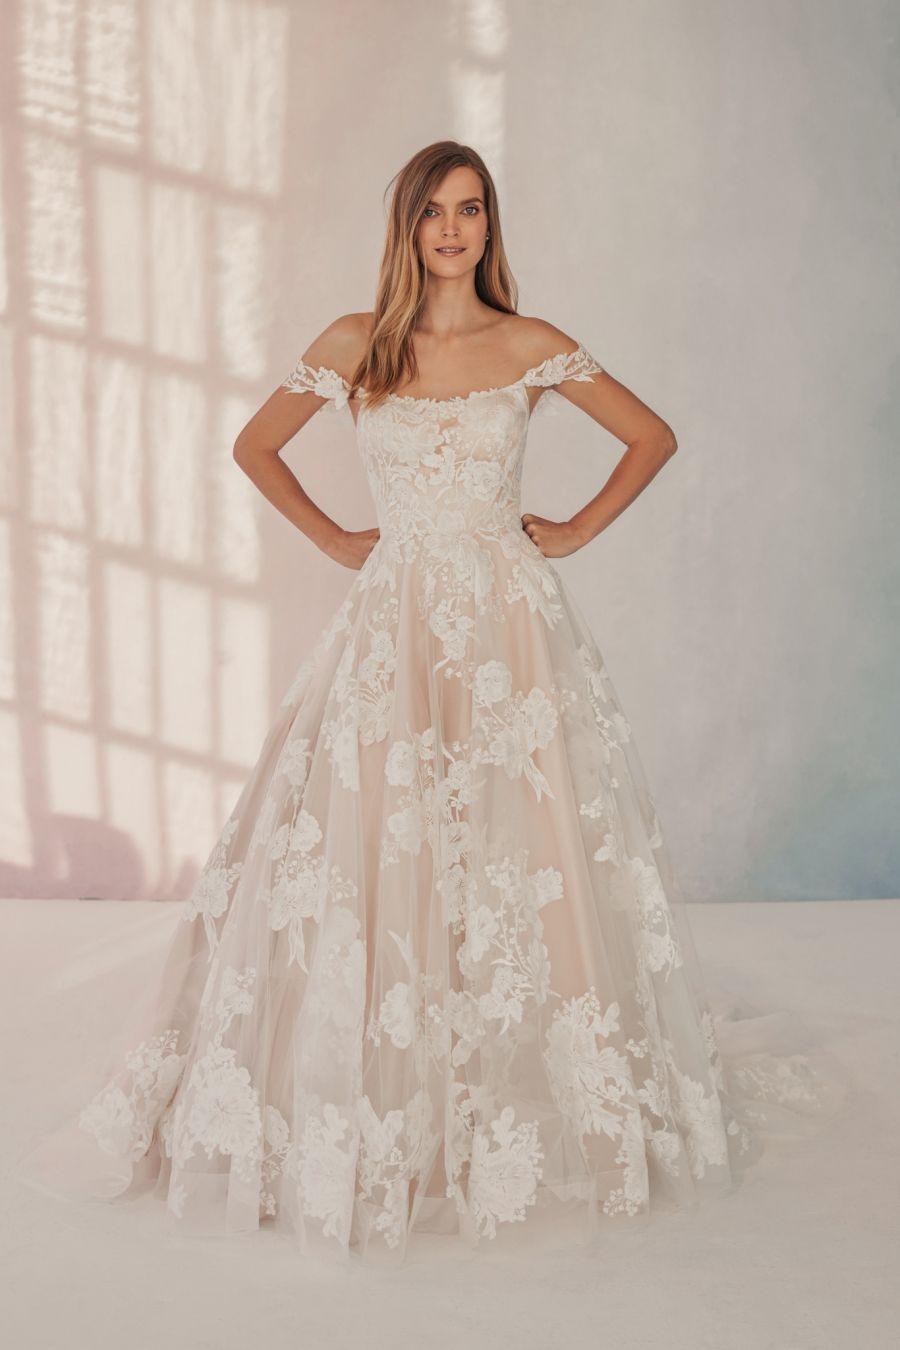 Vestido de noiva off white: as peças mais deslumbrantes do RJ